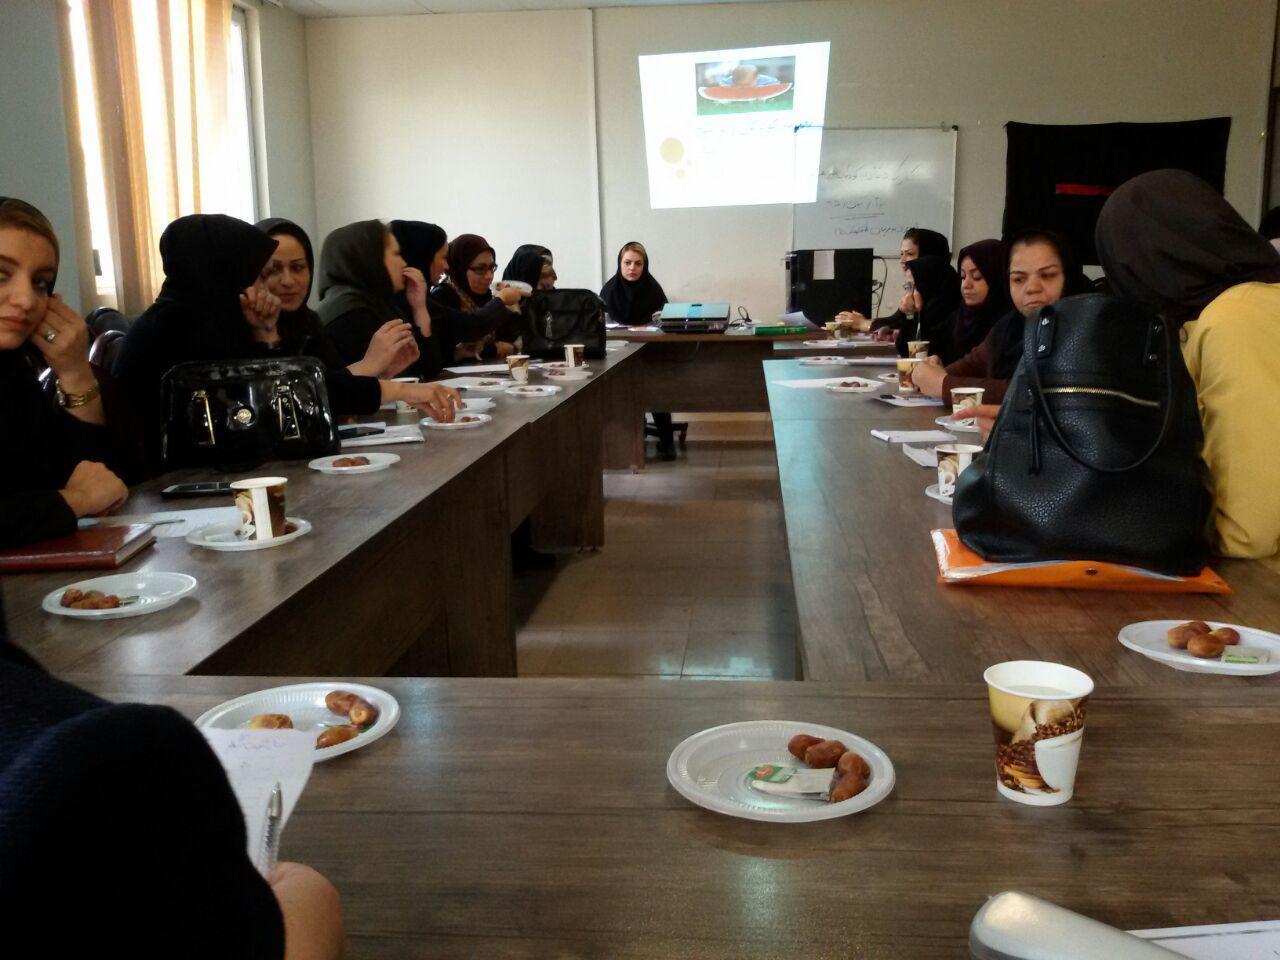 برگزاری جلسه آموزش تغذیه کودکان در شهرستان ملارد